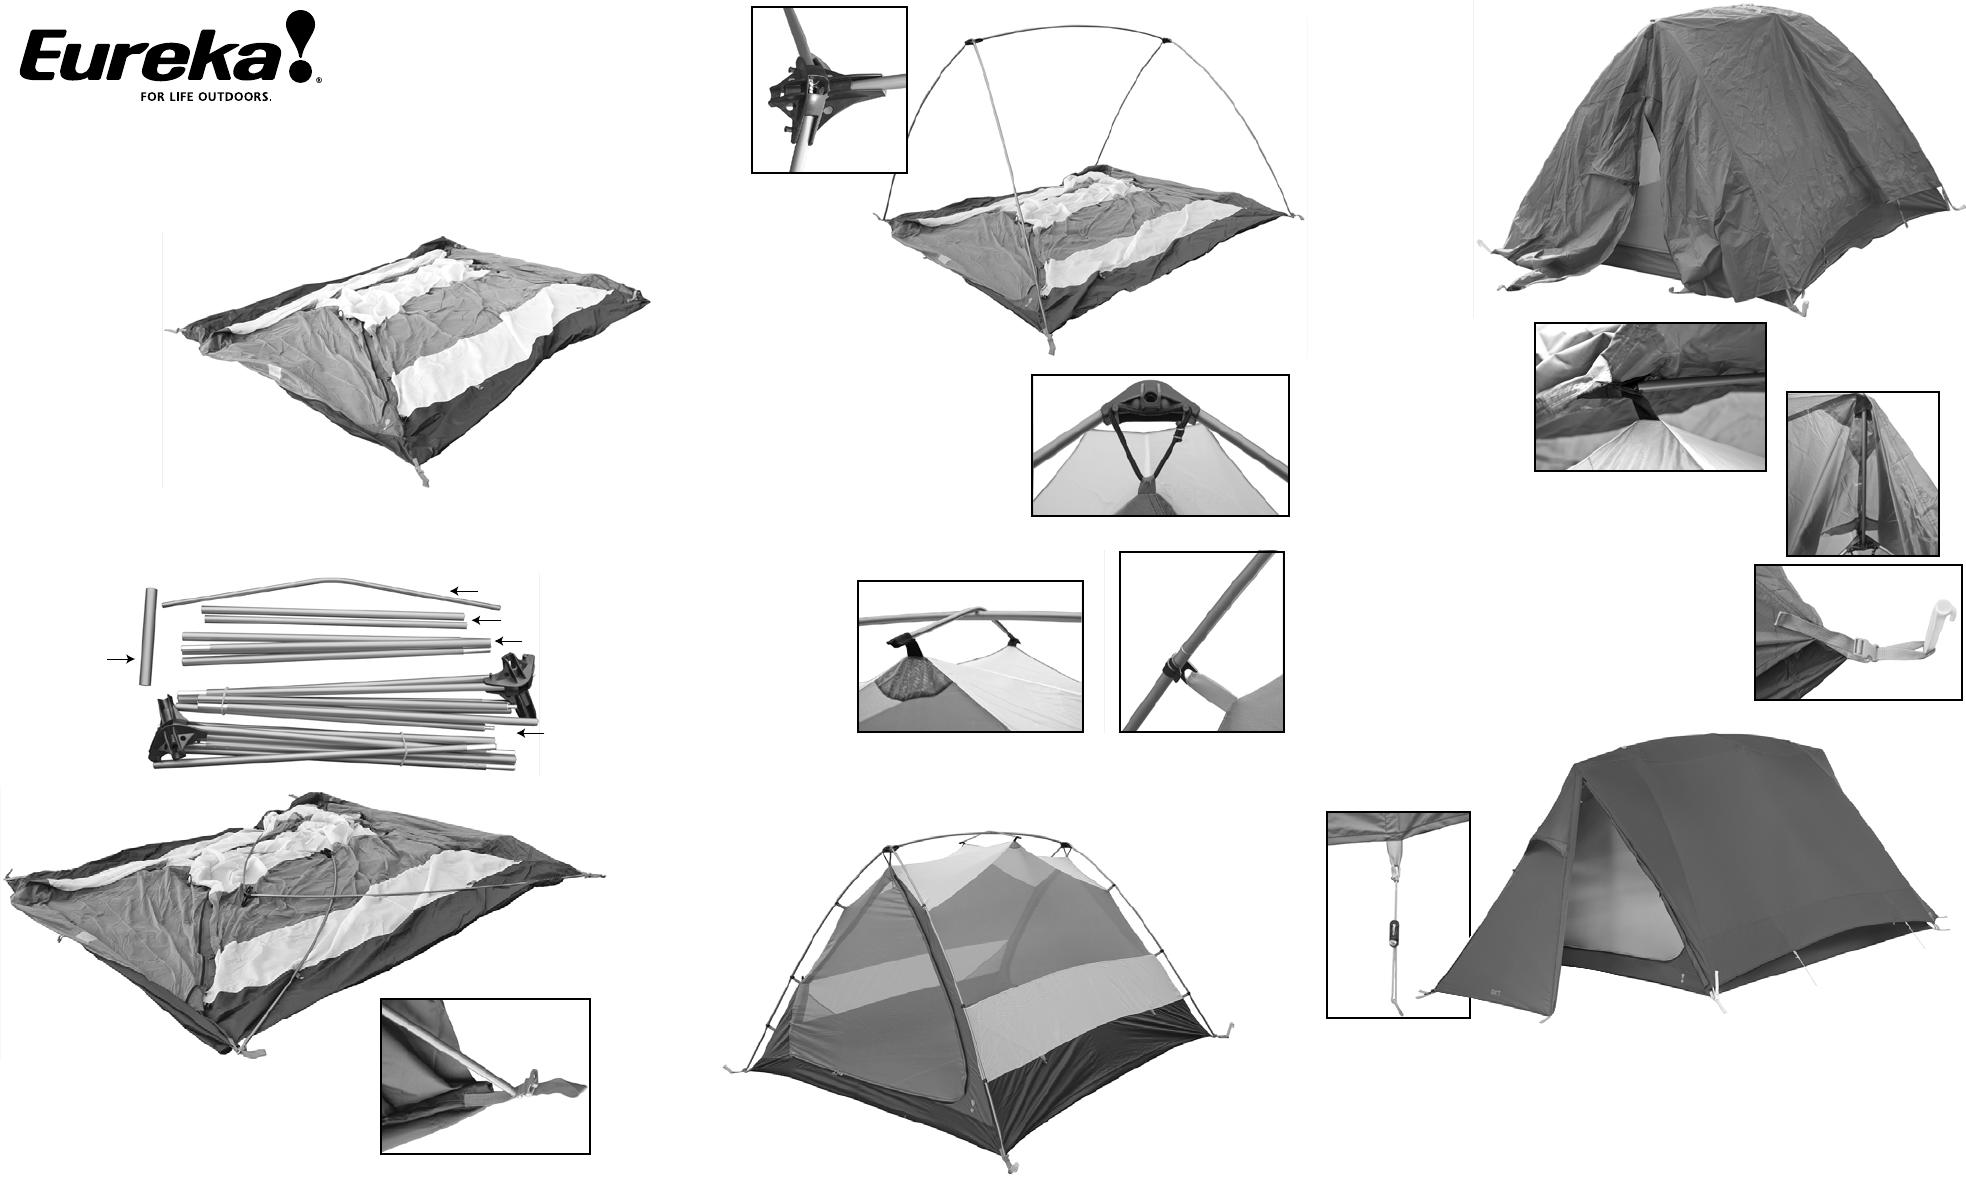 Eureka! Tents Timberline SQ XT Tent User Manual  sc 1 st  Camera Manuals - ManualsOnline.com & Eureka! Tents Tent Timberline SQ XT User Guide | ManualsOnline.com